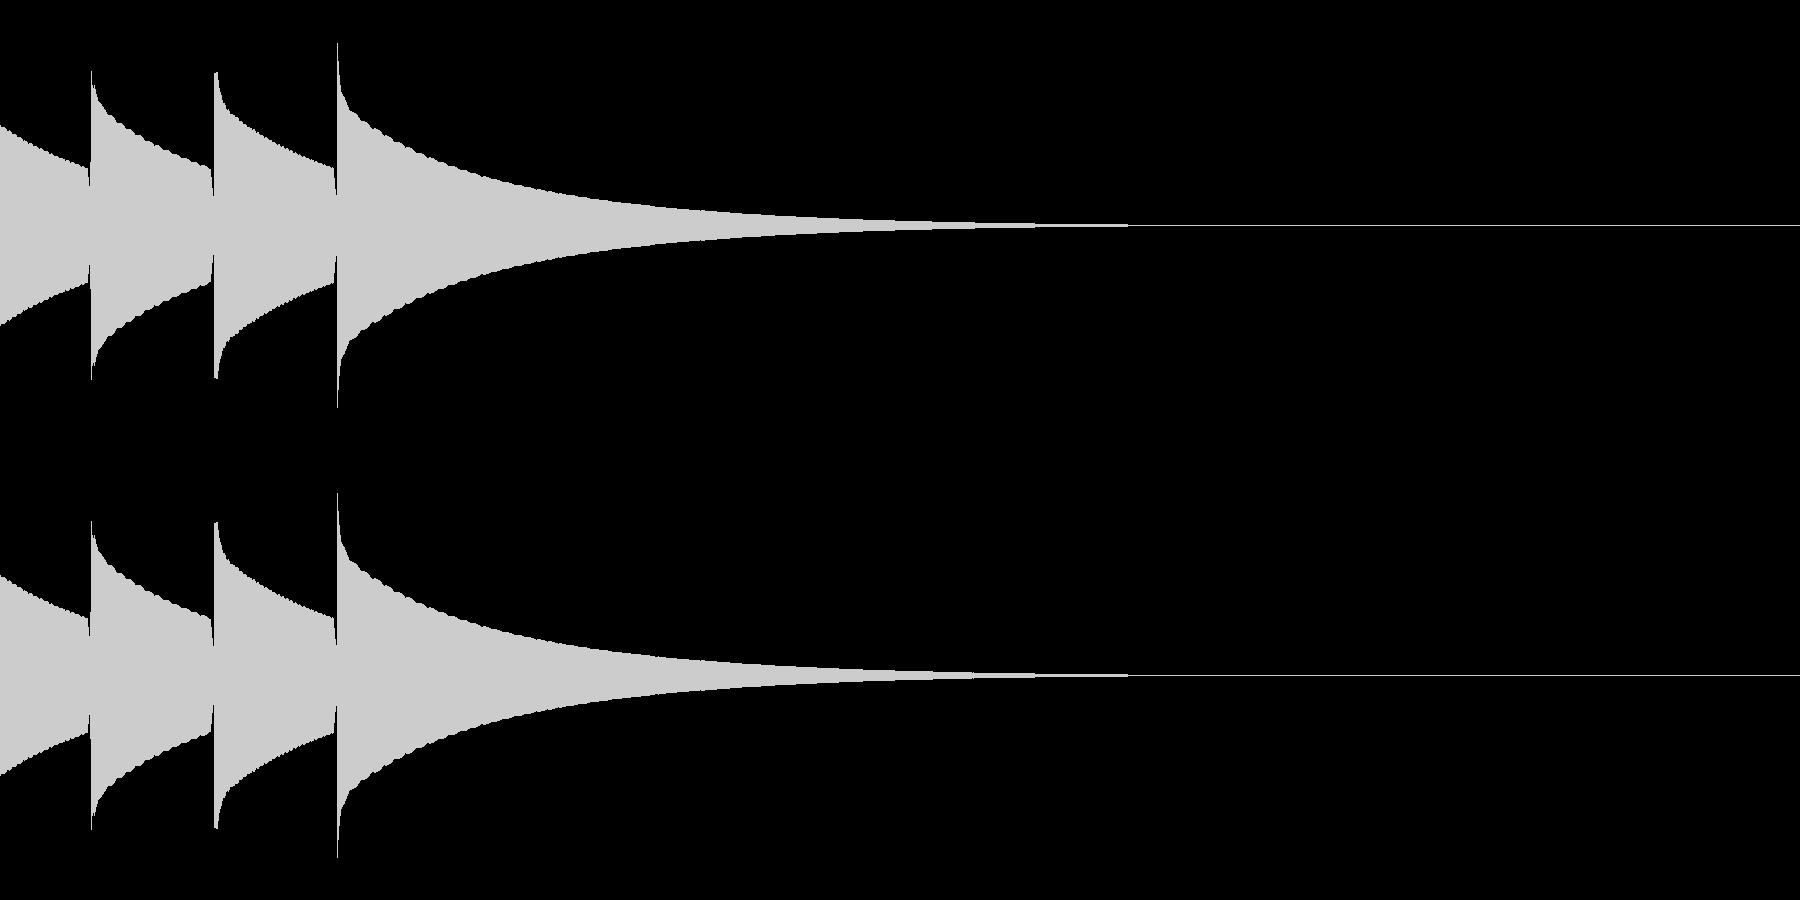 キラキラ(星/通知音/アイテム/2回)の未再生の波形